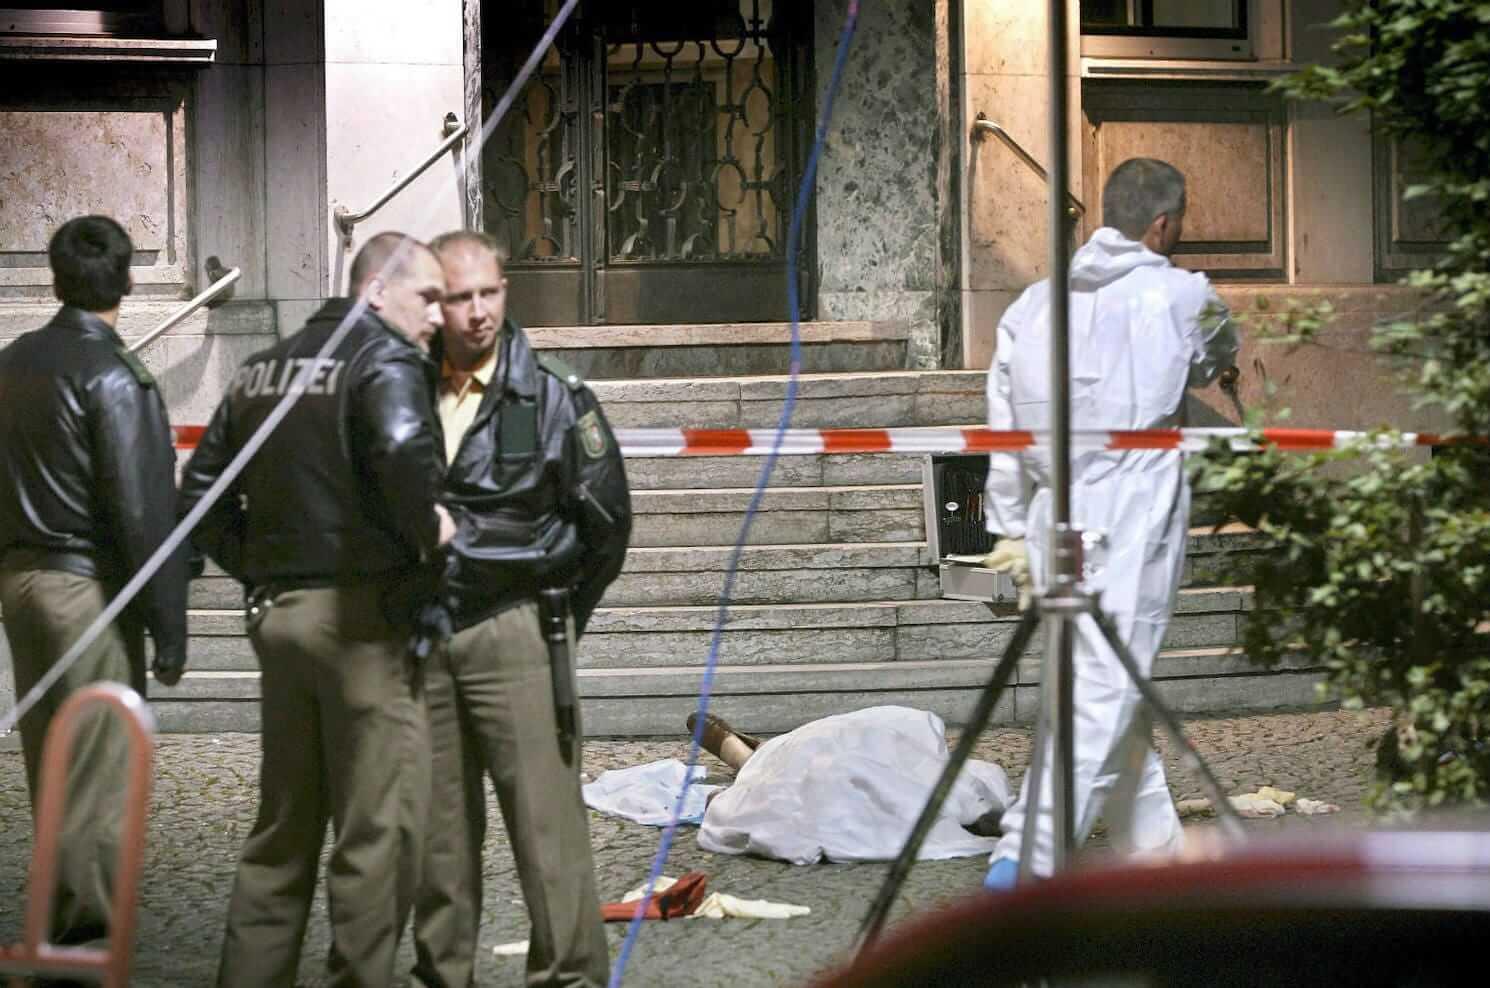 ndrangheta Archives - mafianeindanke e V mafianeindanke e V